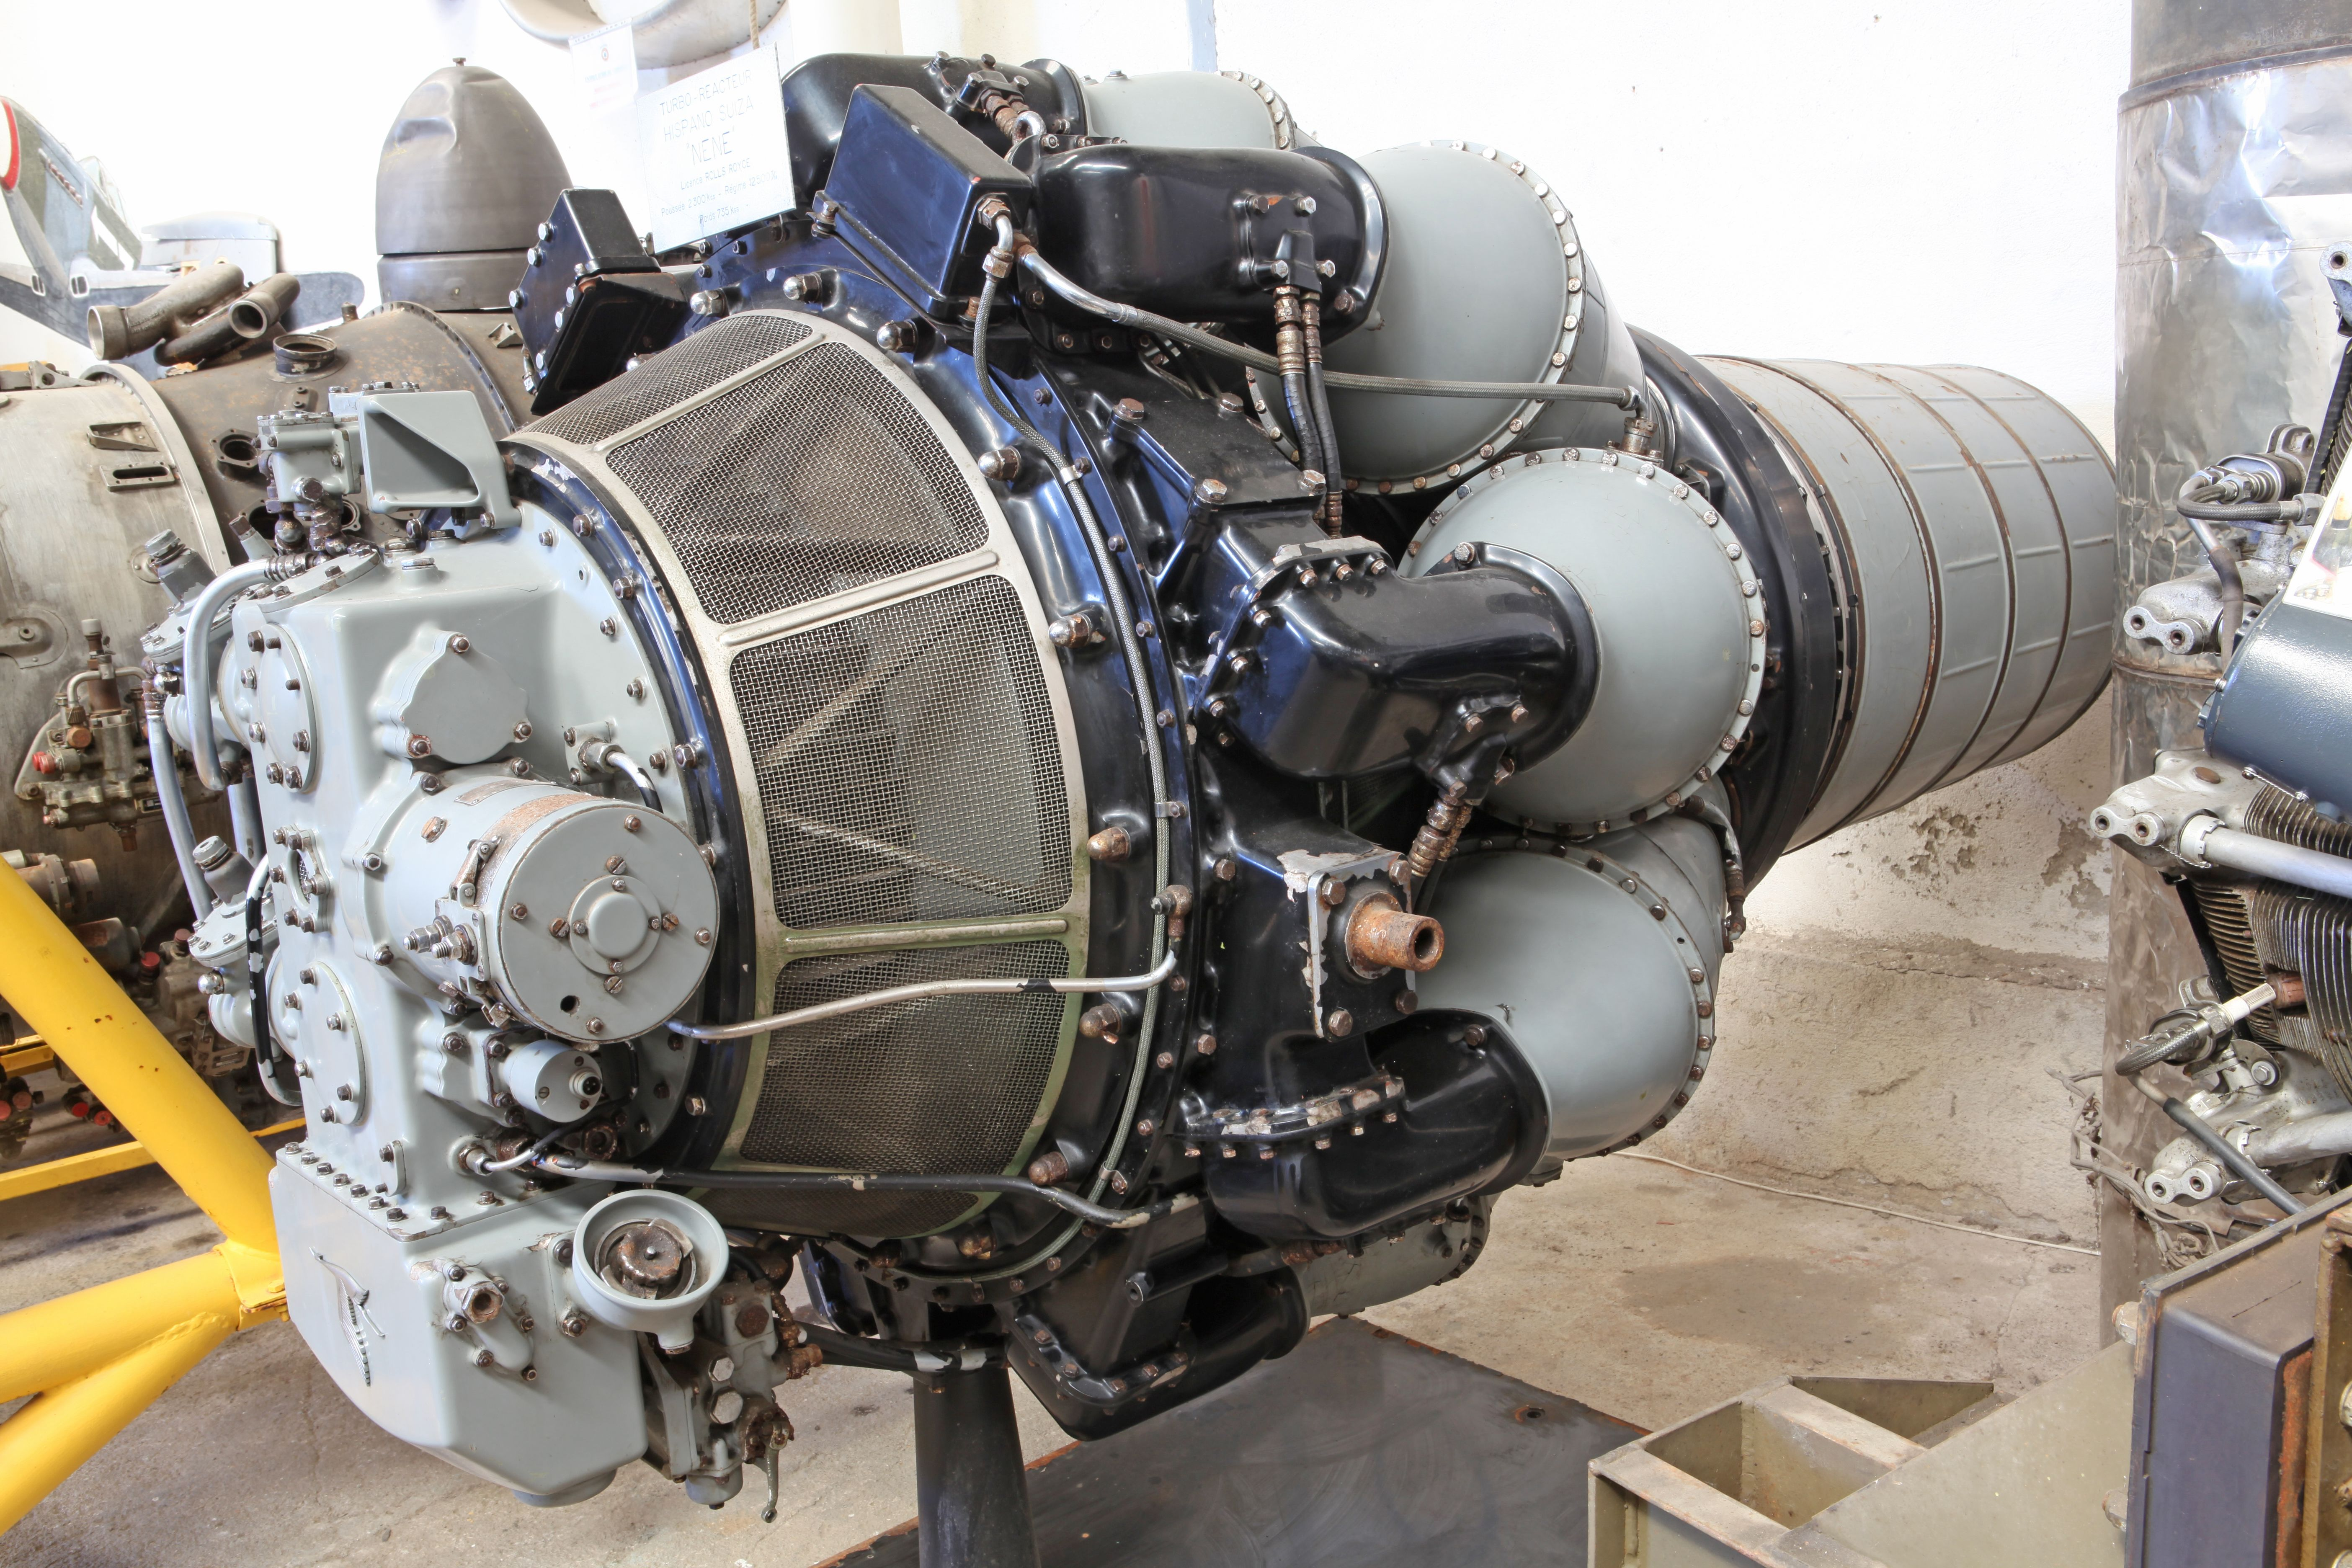 7362375844_635c3bace1_o.jpg (5616×3744) Jet engine